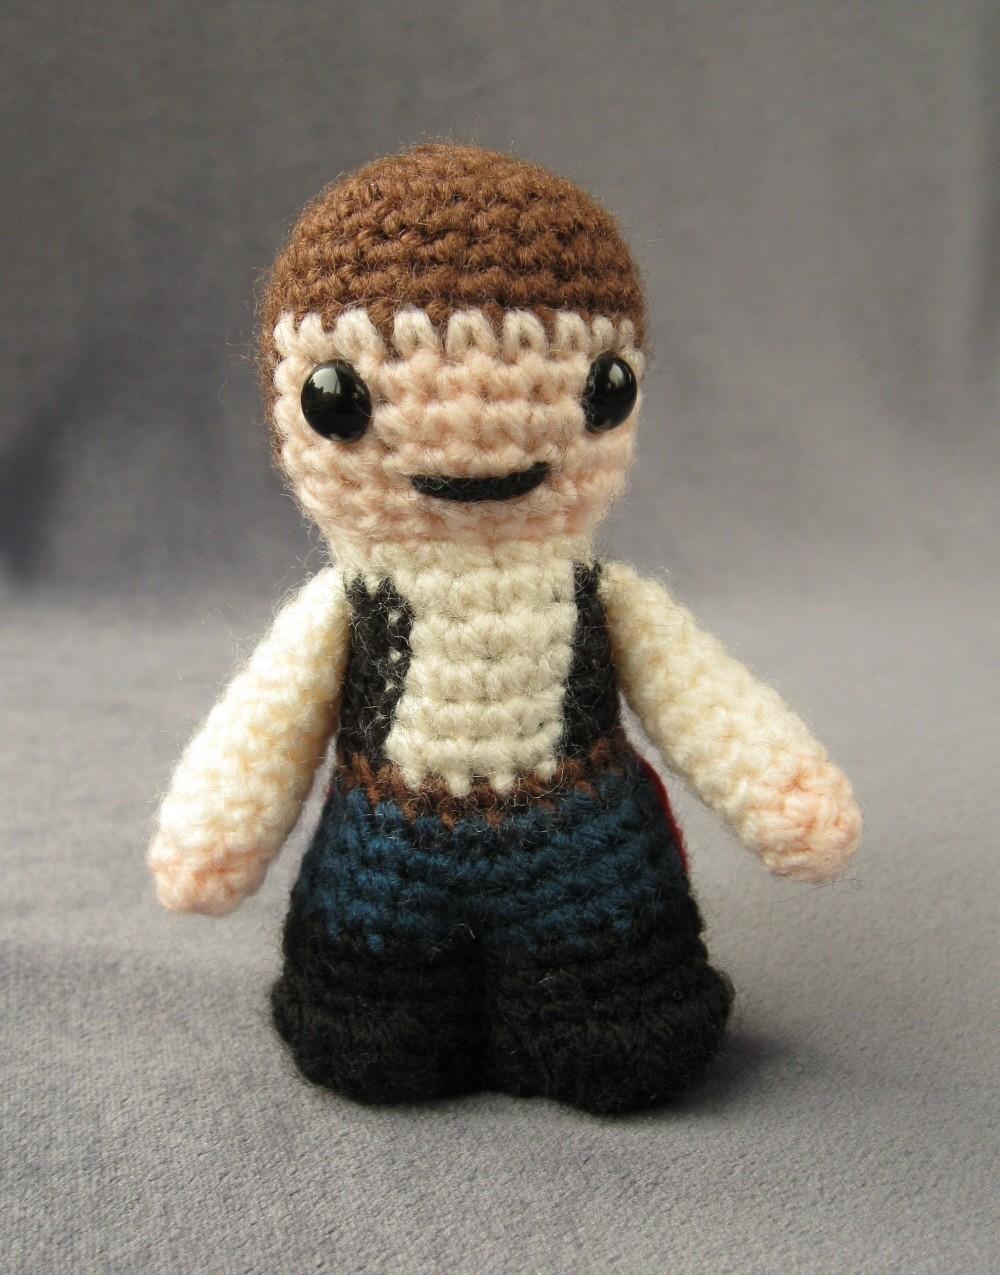 Crochet Pattern Small Amigurumi : Mini Star Wars Amigurumi Cuddly Is Finally Cool